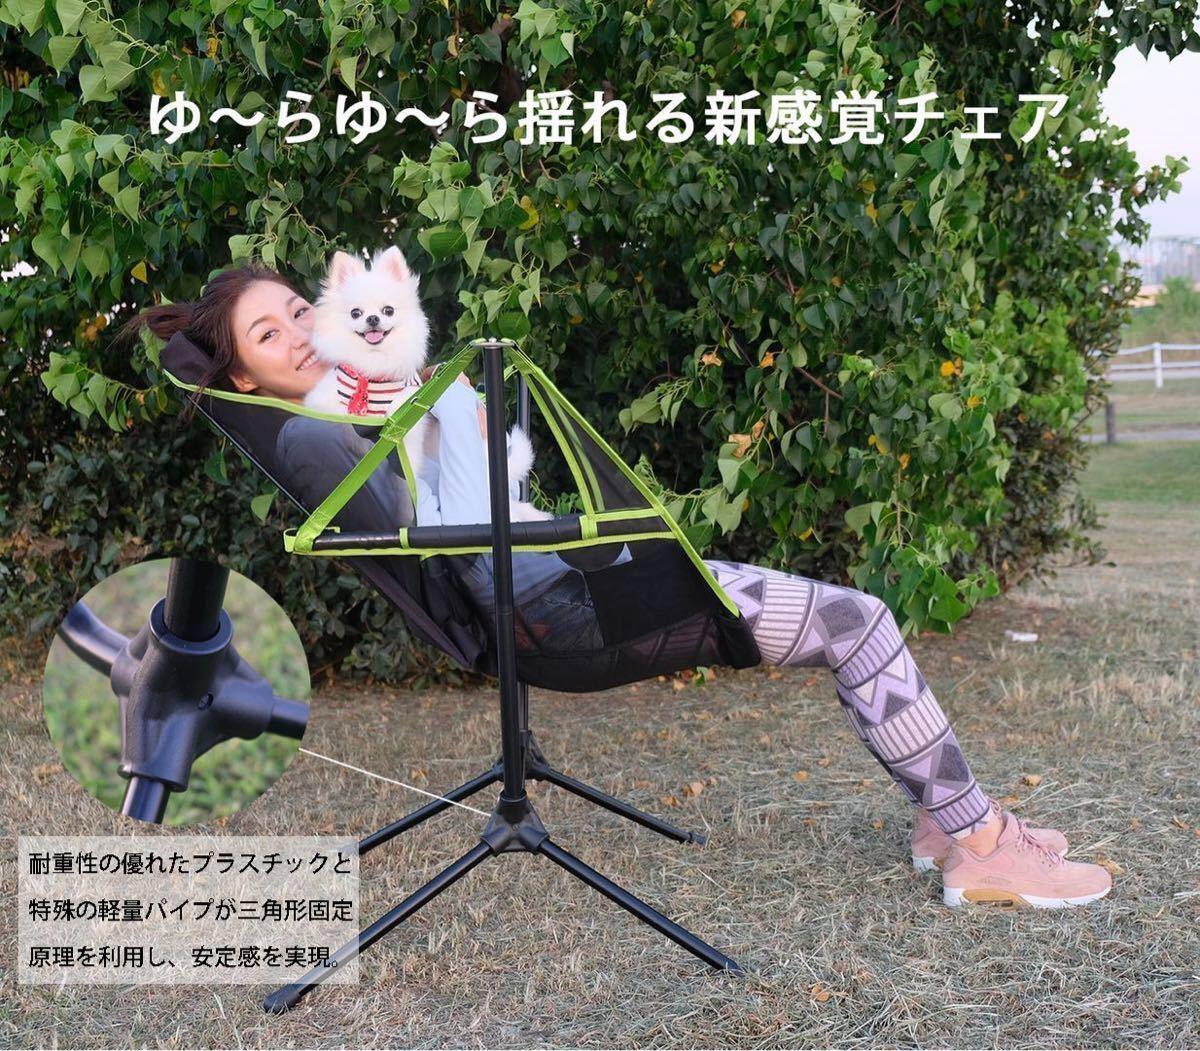 超人気 スターゲイズリクライナーラグジュアリー アウトドアチェア キャンプ椅子